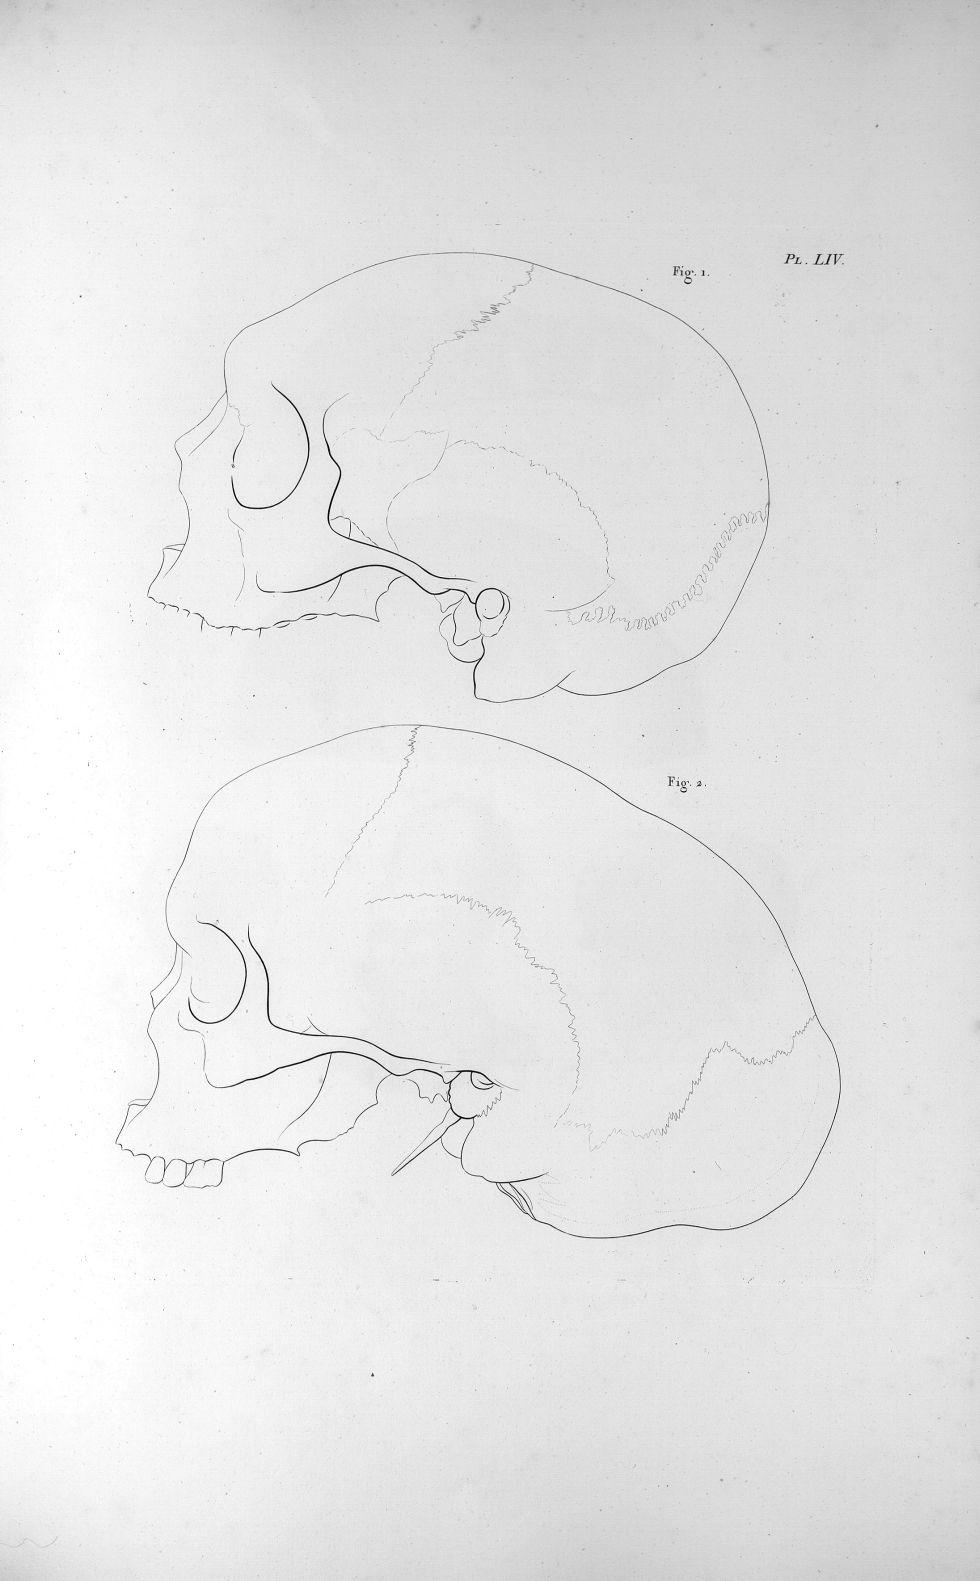 Pl. LIV. Deux crânes extraordinaires, dont fig. I est tout-à-fait déprimé dans sa partie supérieure- [...] - Anatomie. Neurologie. Crânes (malformations). Phrénologie. 19e siècle (France) - med00575xatlasx0064